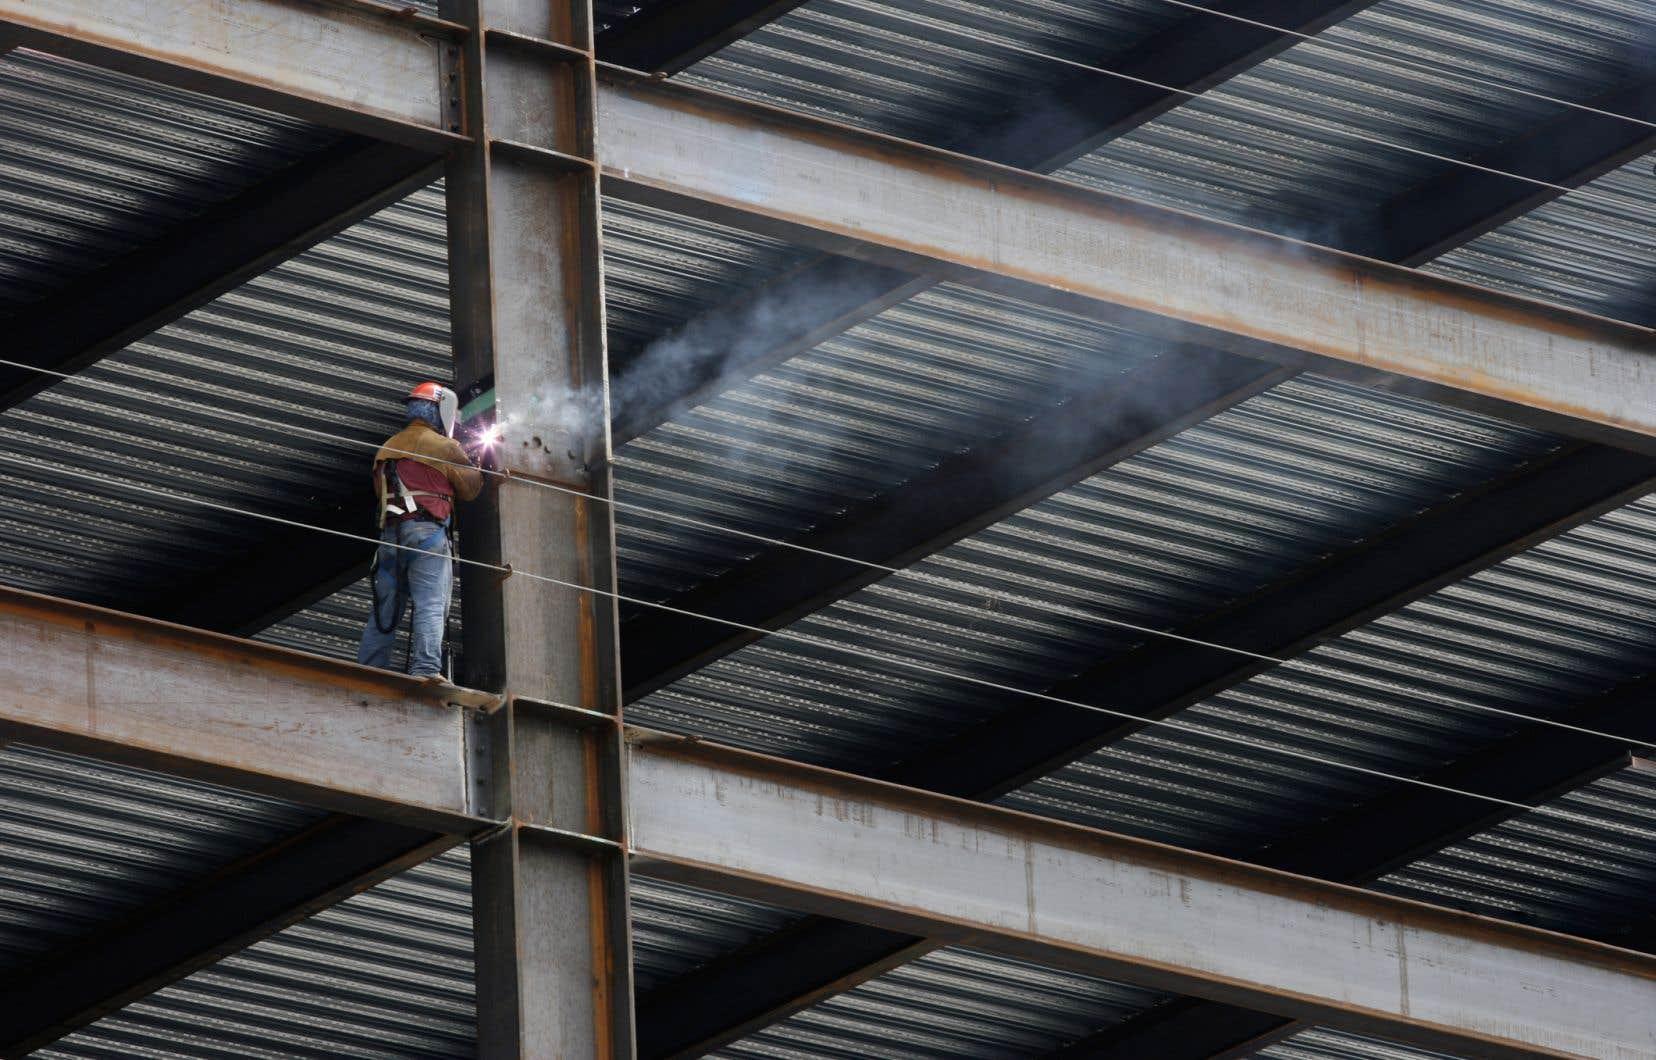 La croissance de la production en juin dernier se situe dans le cadre d'une reprise des activités faisant suite à la grève des travailleurs de la construction en mai.